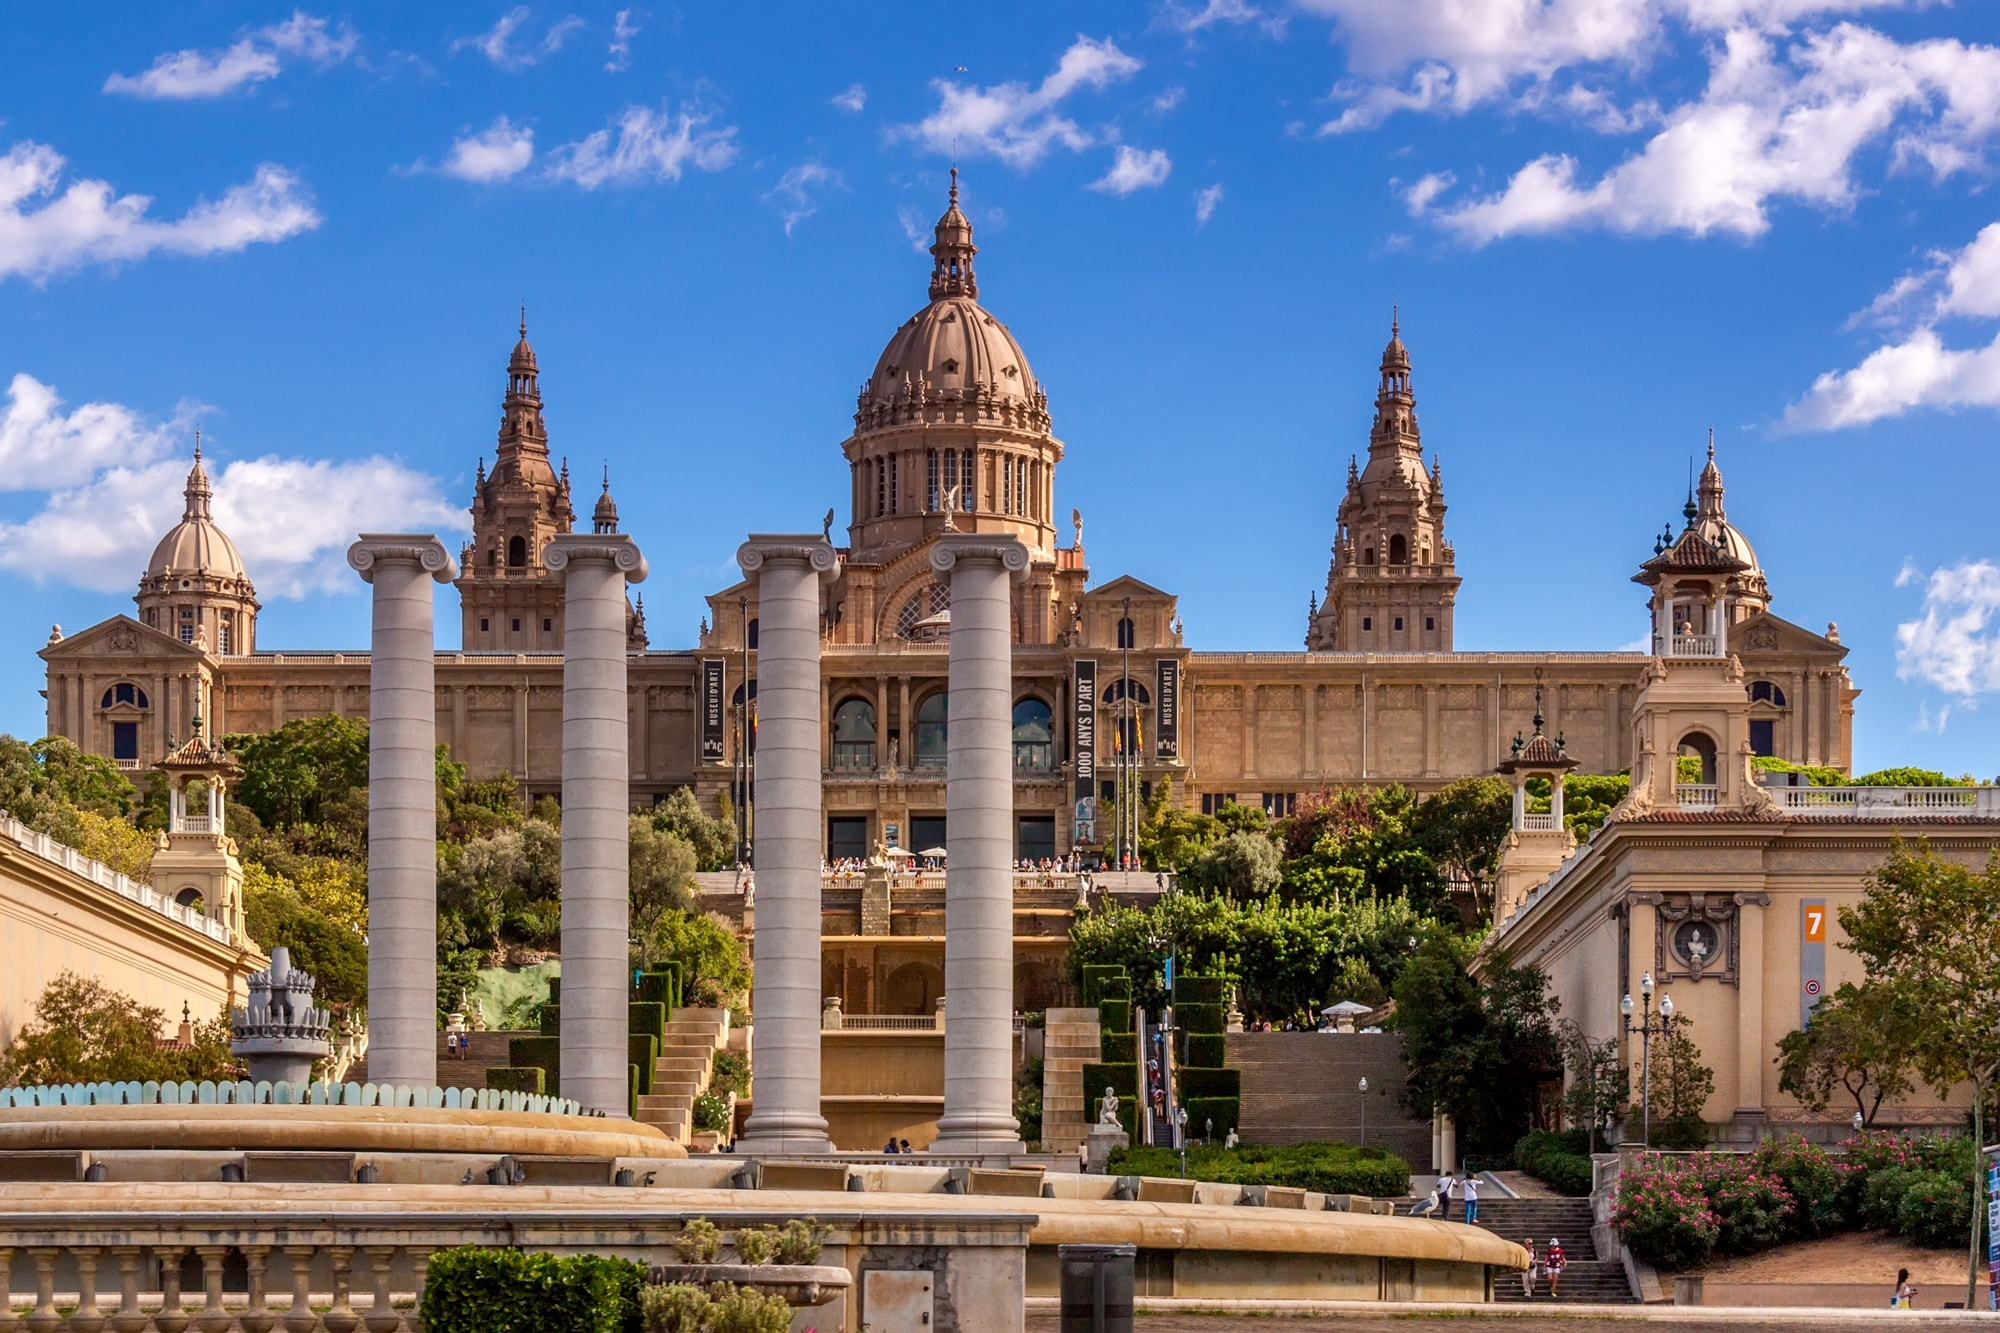 История Каталонского искусства—музей в Барселоне